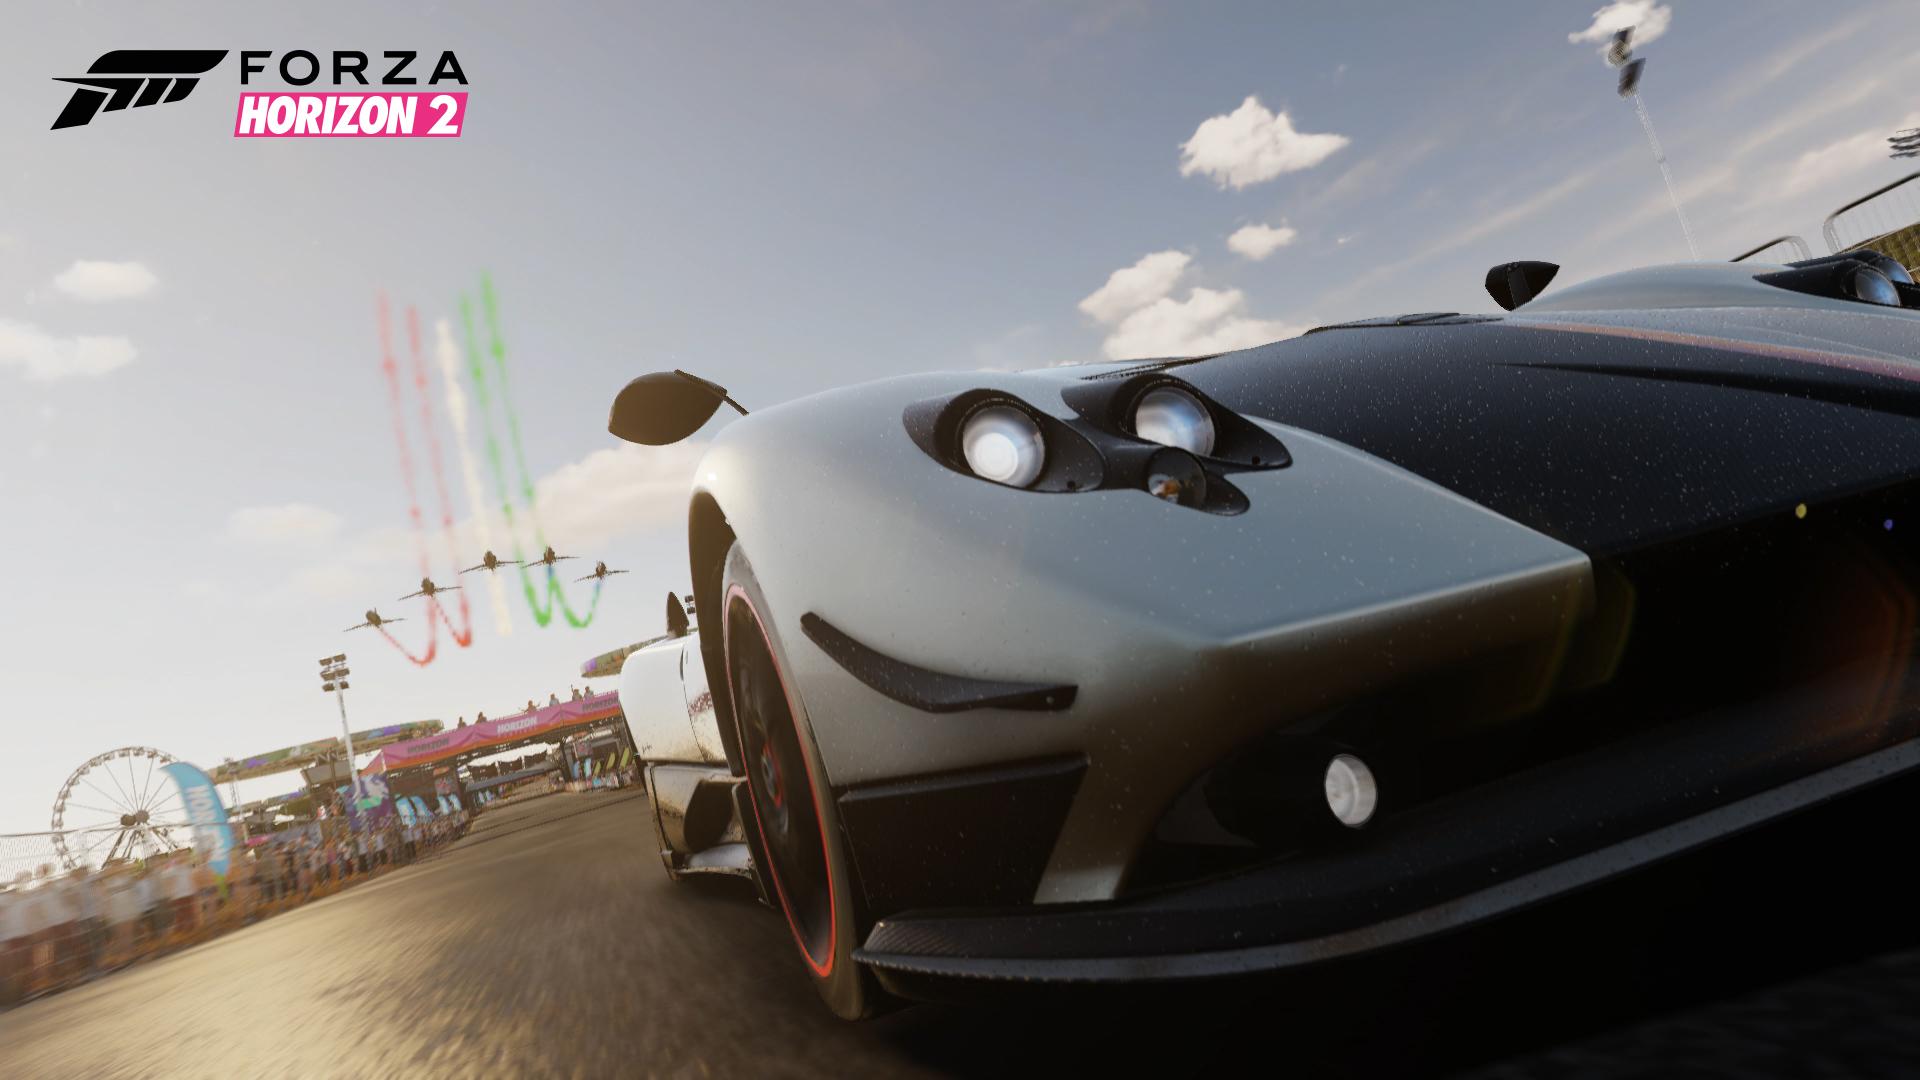 Voir Le Sujet Forza Horizon 2 Jeux Vidéo Xbox 360